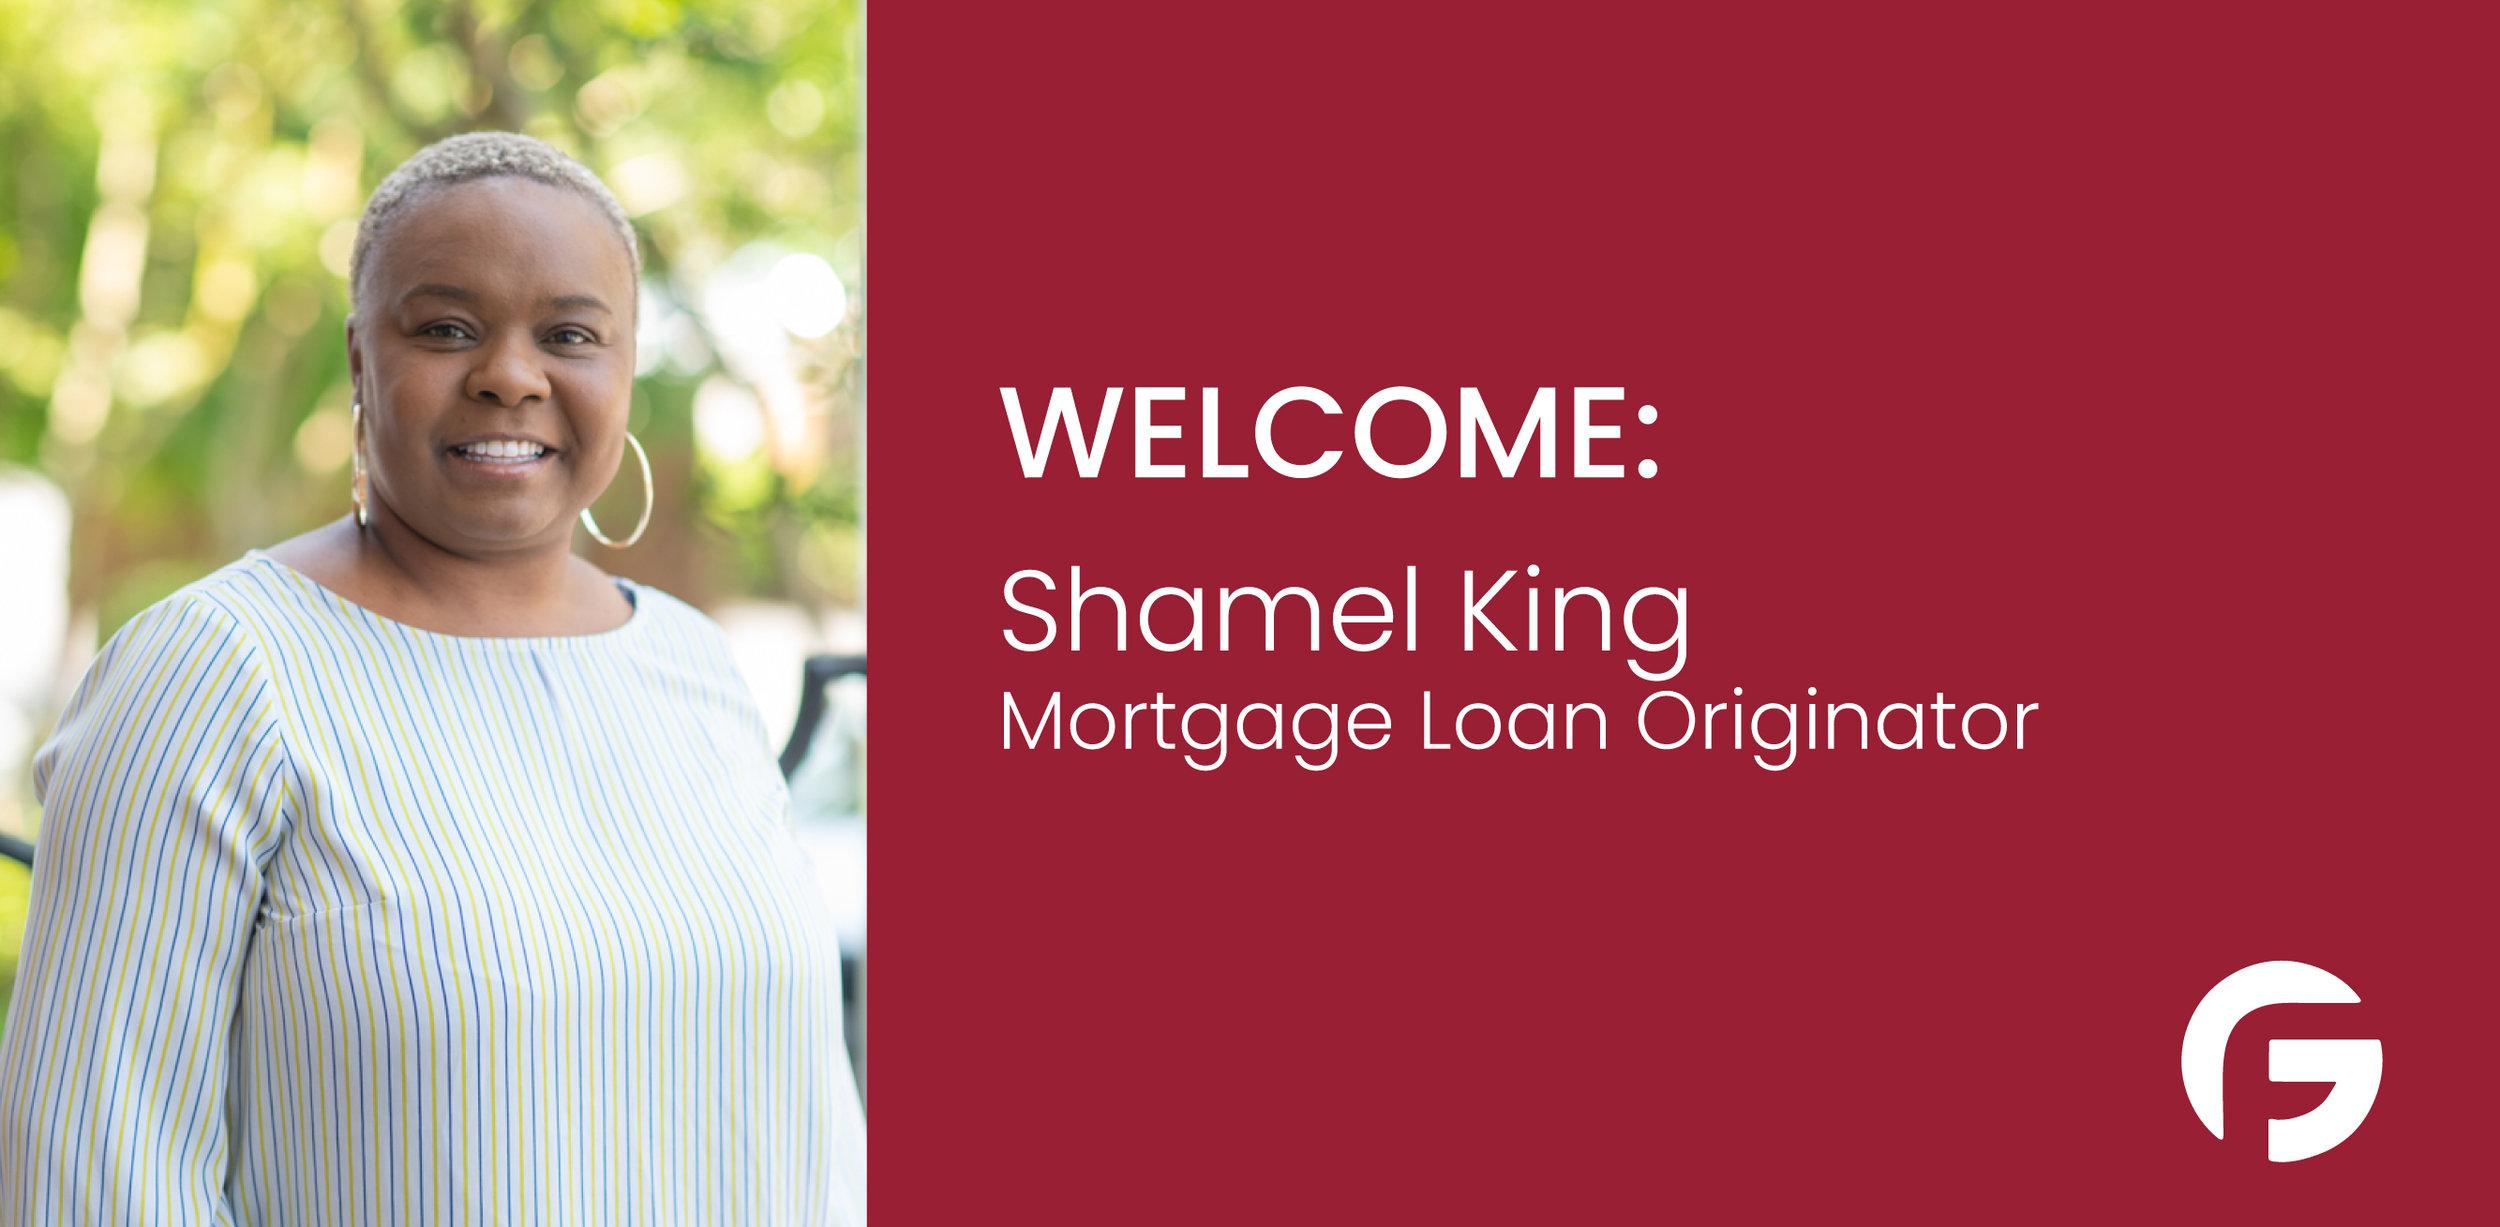 Shamel King Loan Originator serving Atlanta, GA